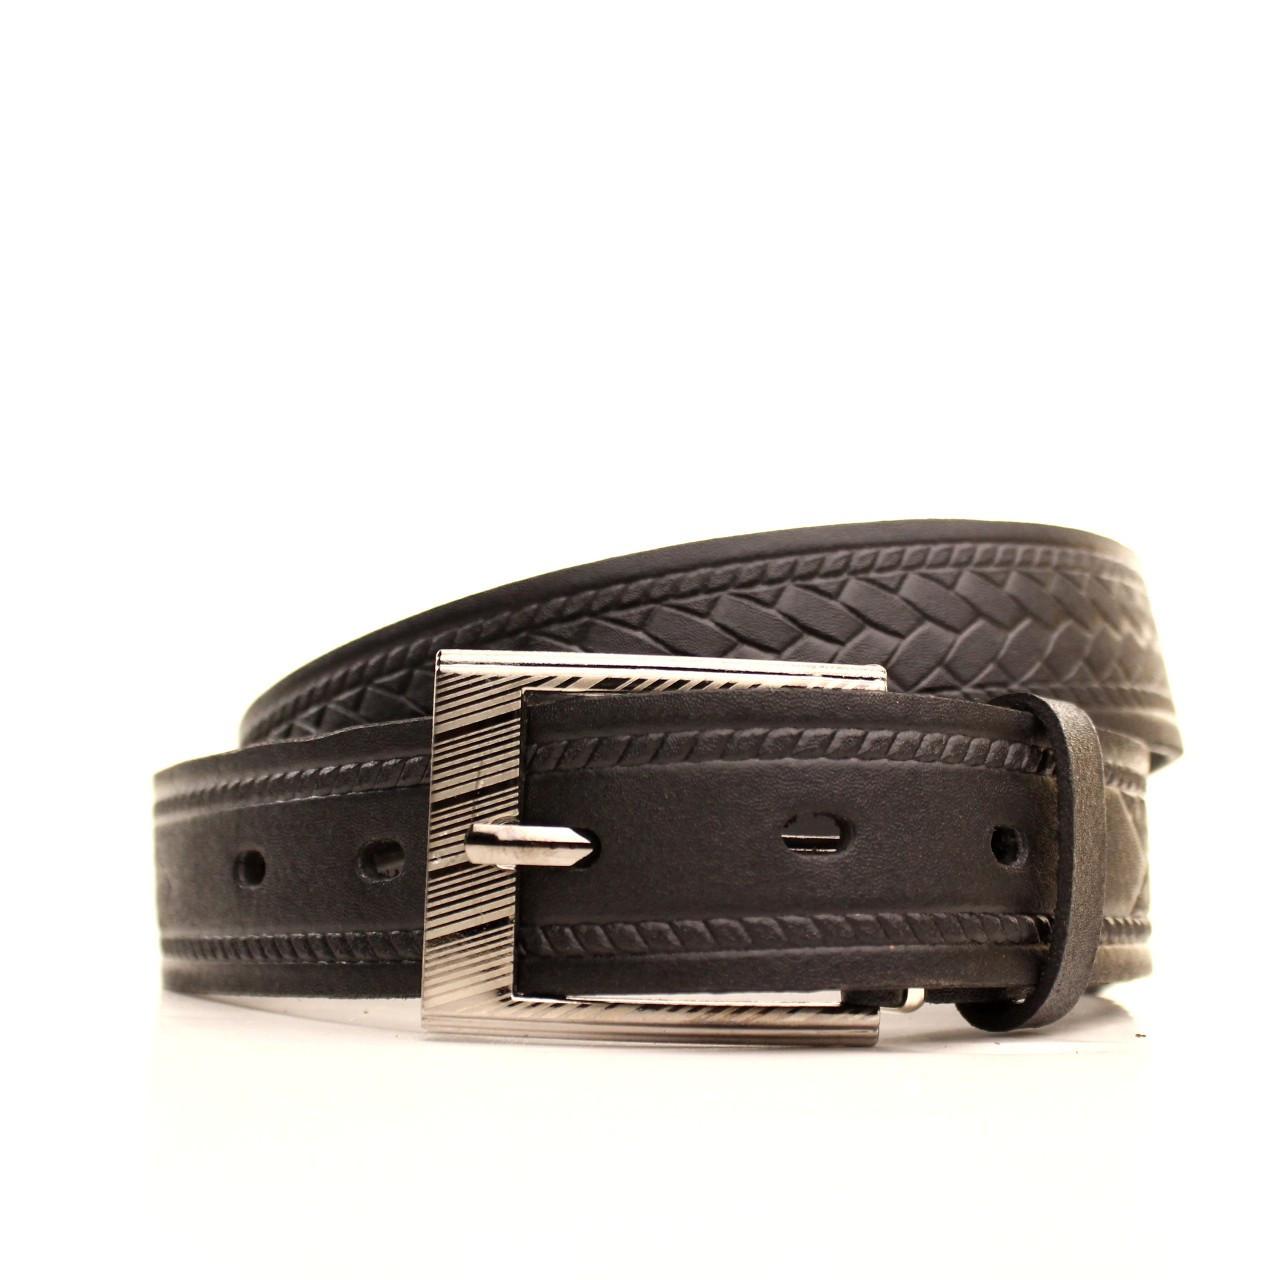 Ремень Lazar кожаный черный L30S1W8 120-125 см